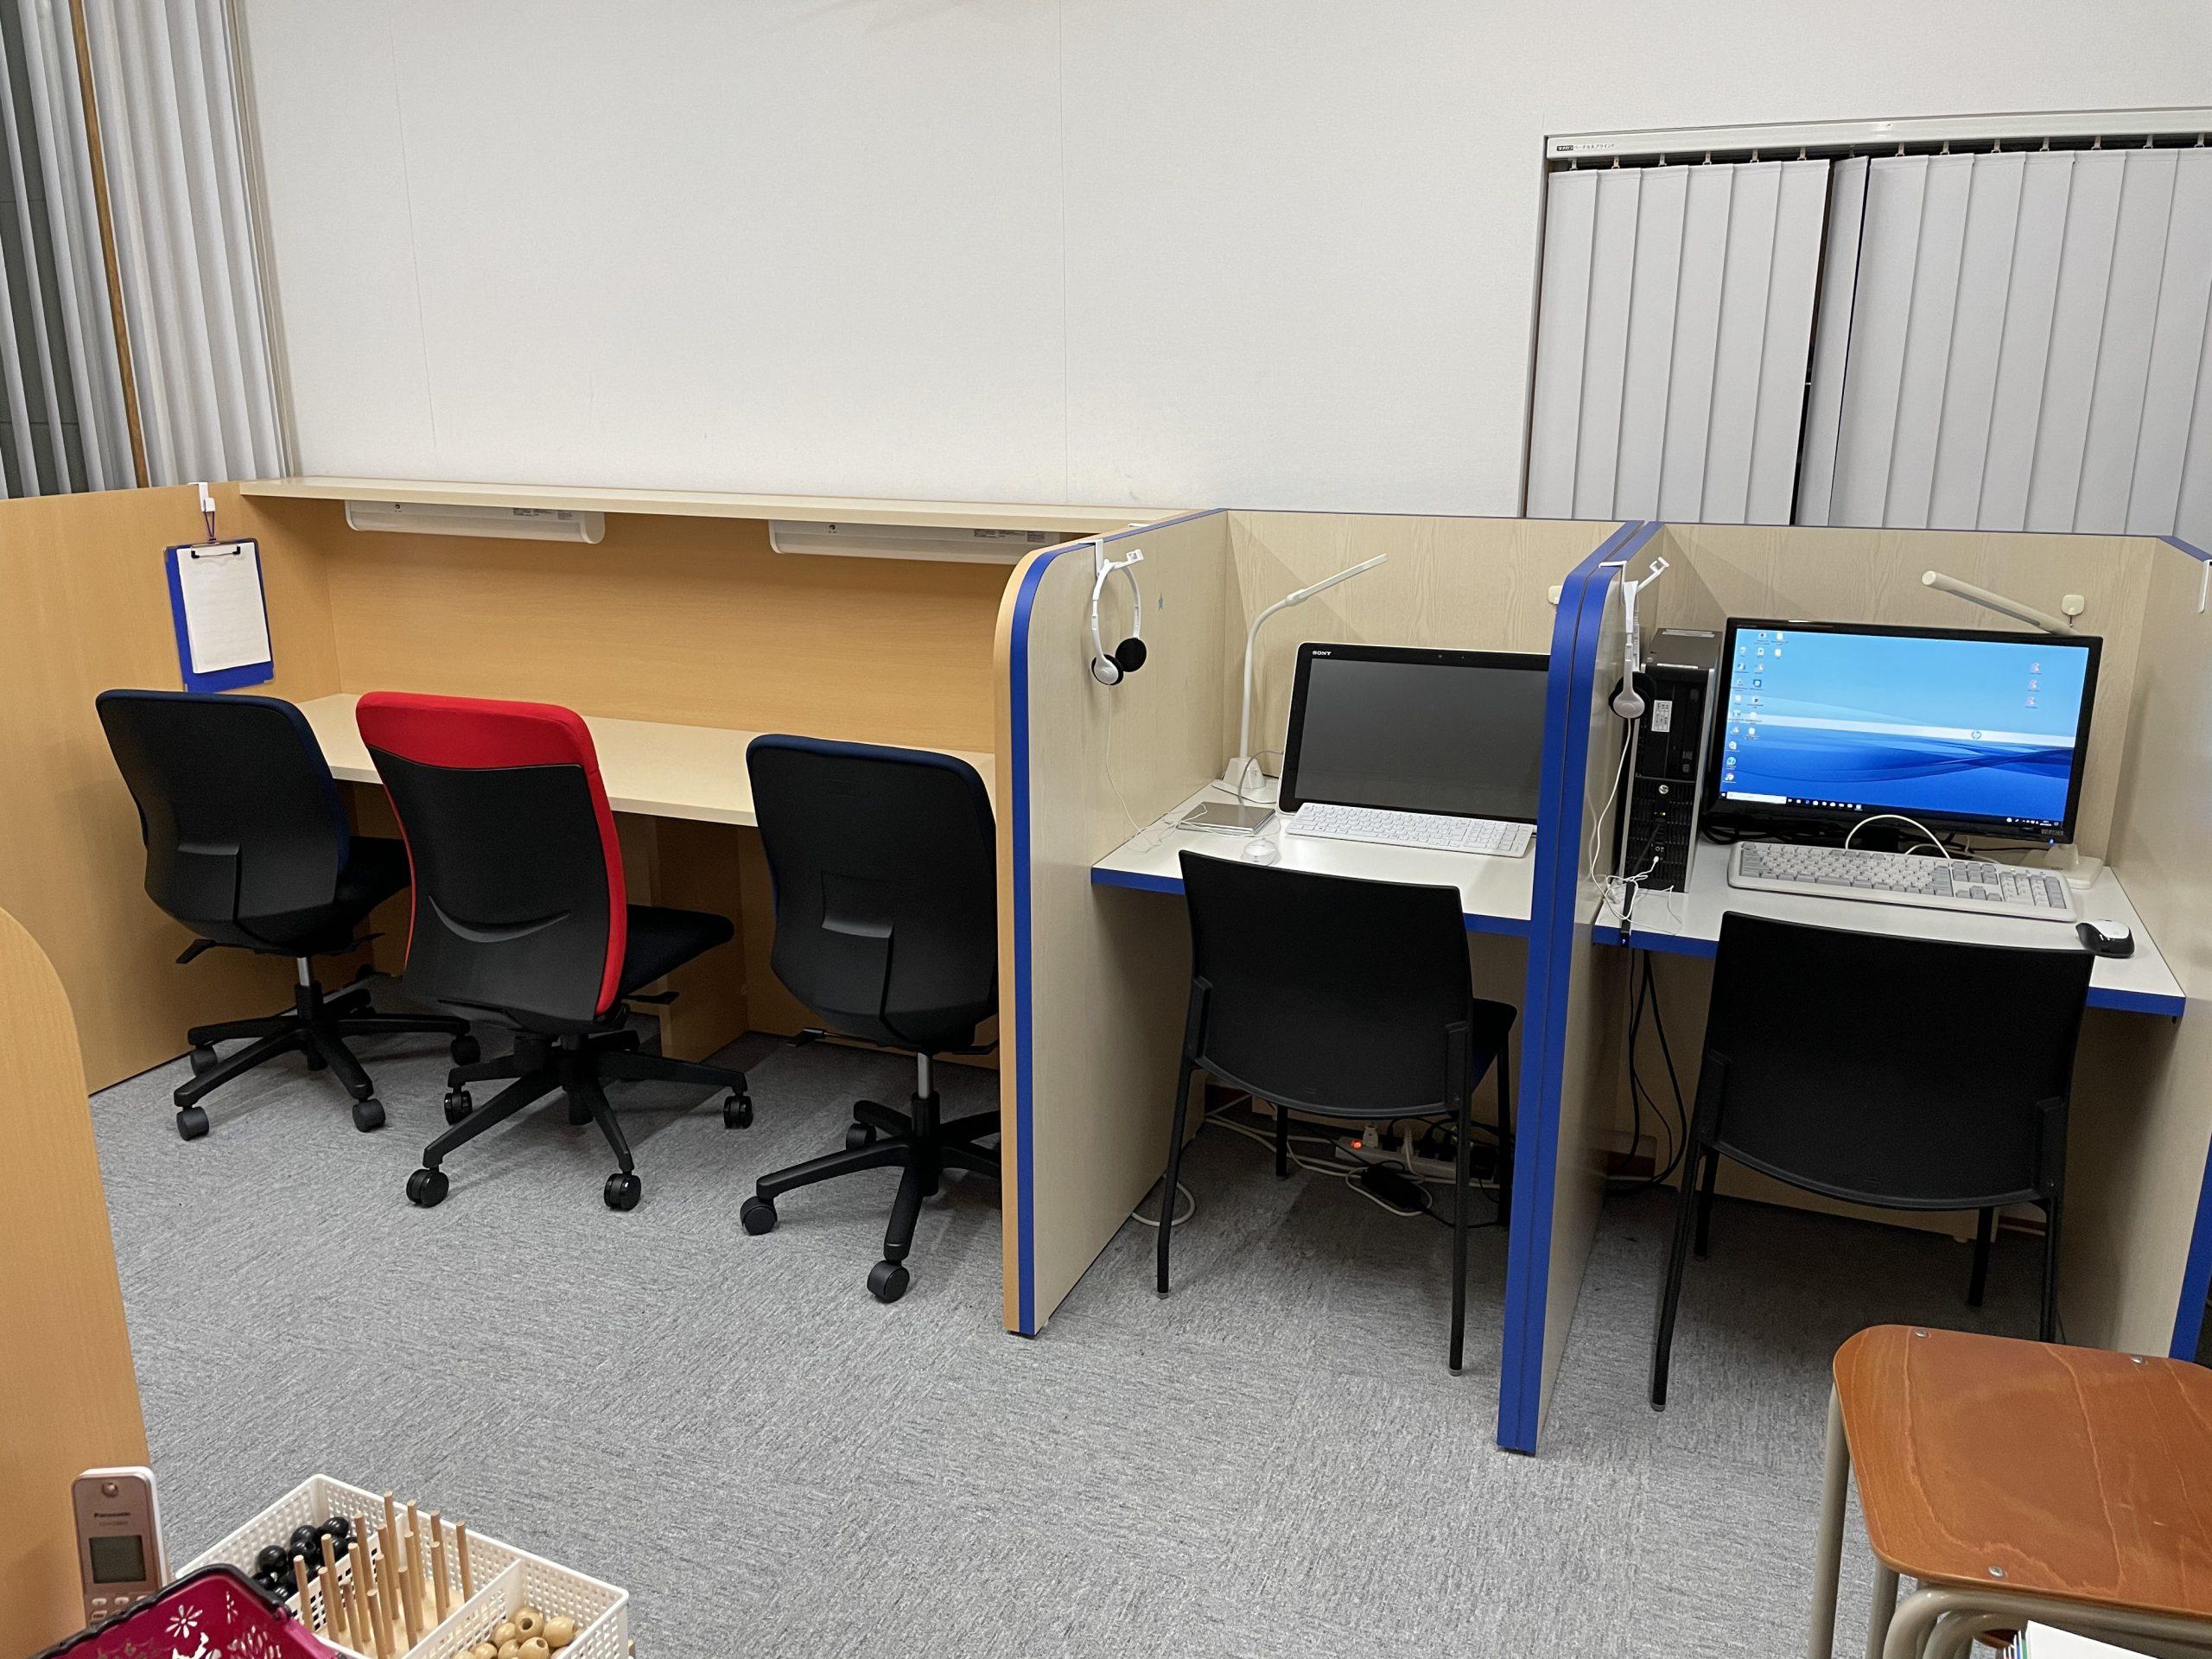 ブースの横には仕切られたパソコンのスペースもあります